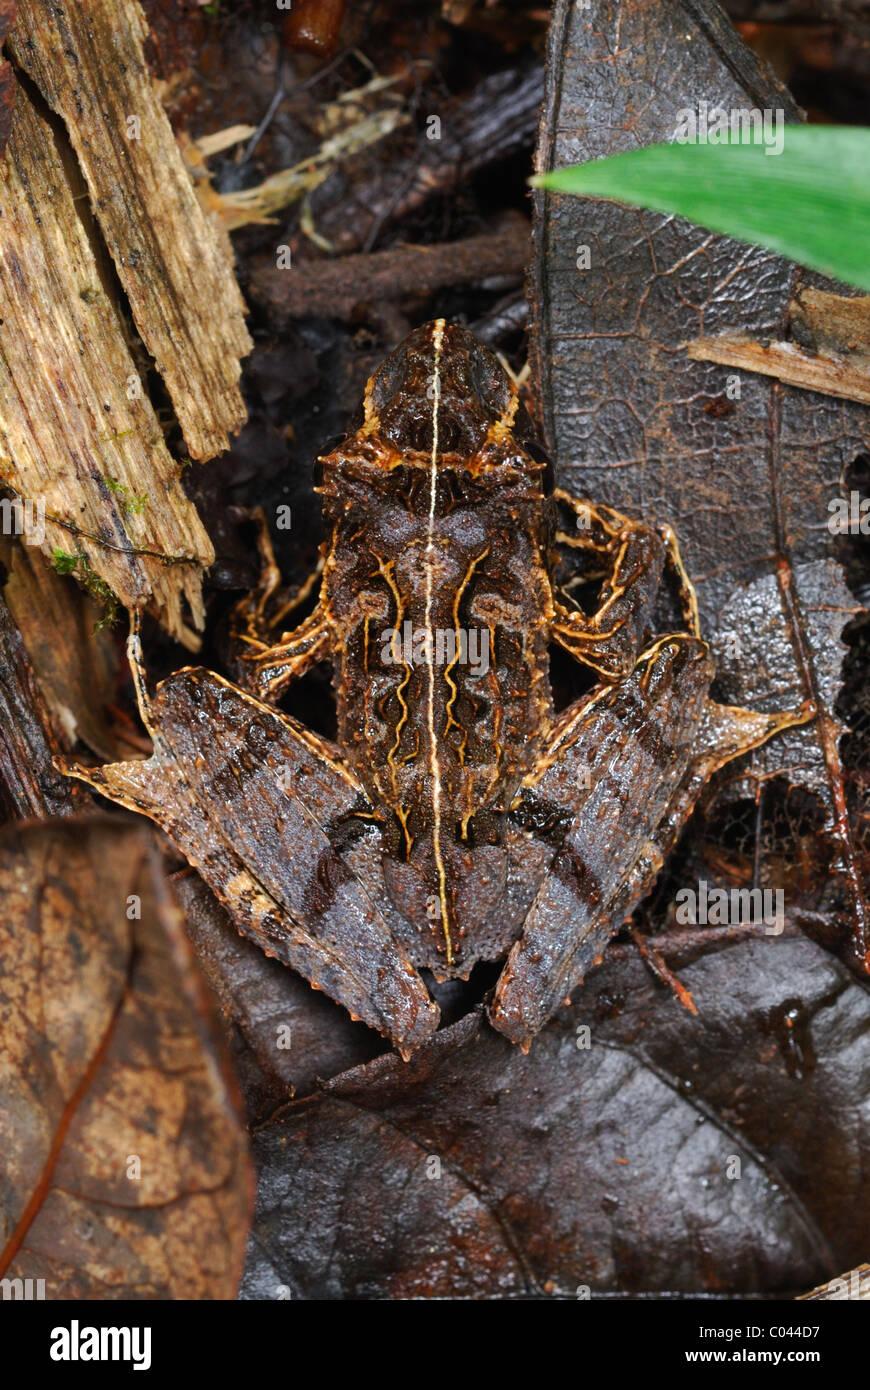 Getarnte Osten Betsileo Madagaskar Frosch (Gephyromantis Asper), Madagaskar Stockbild